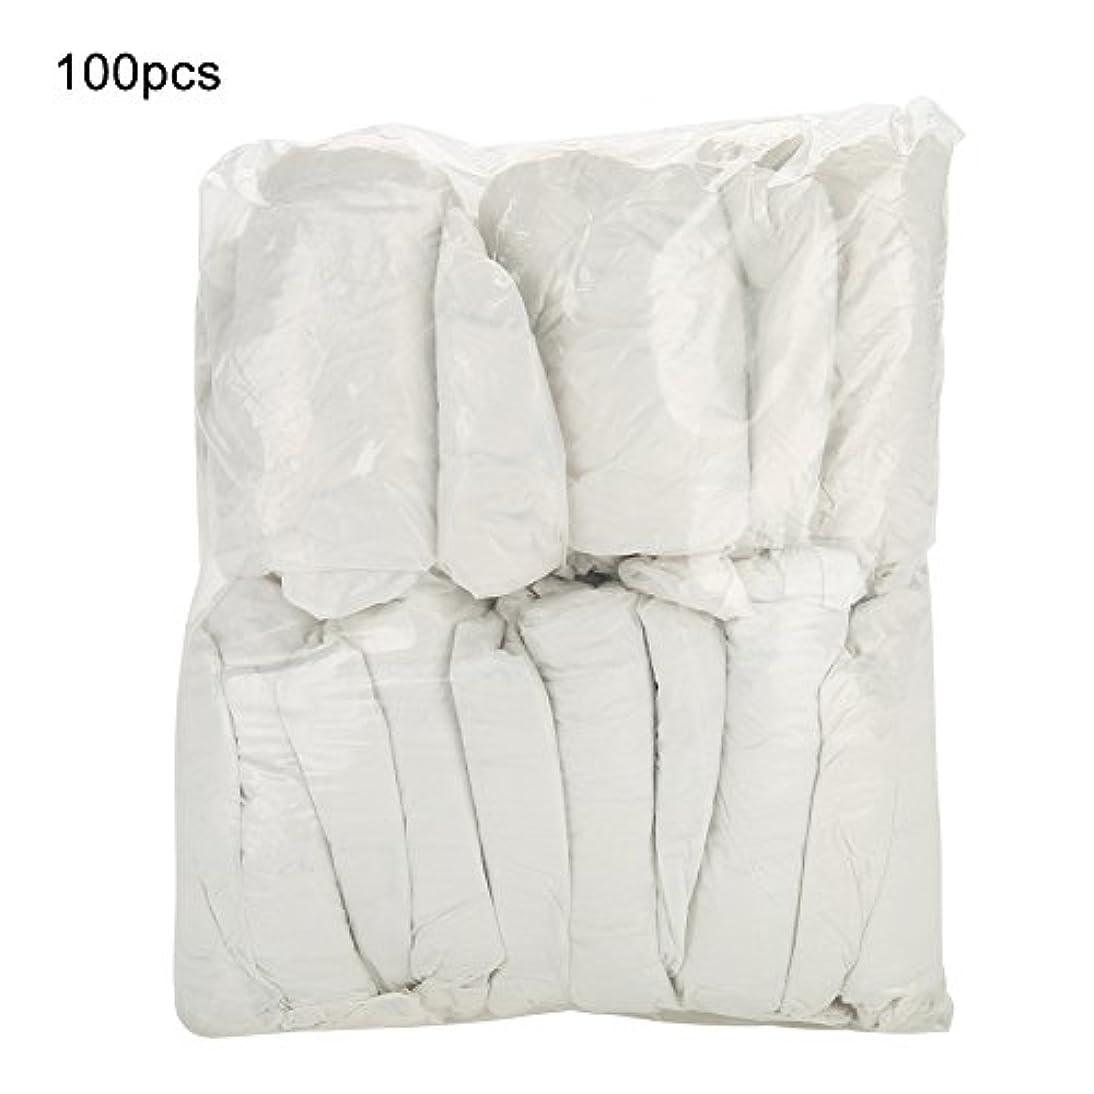 権威カエルクラフトSemme 100pcs / bag使い捨てPlasticTattooスリーブ、滅菌タトゥーアームスリーブスリーブレットカバー保護